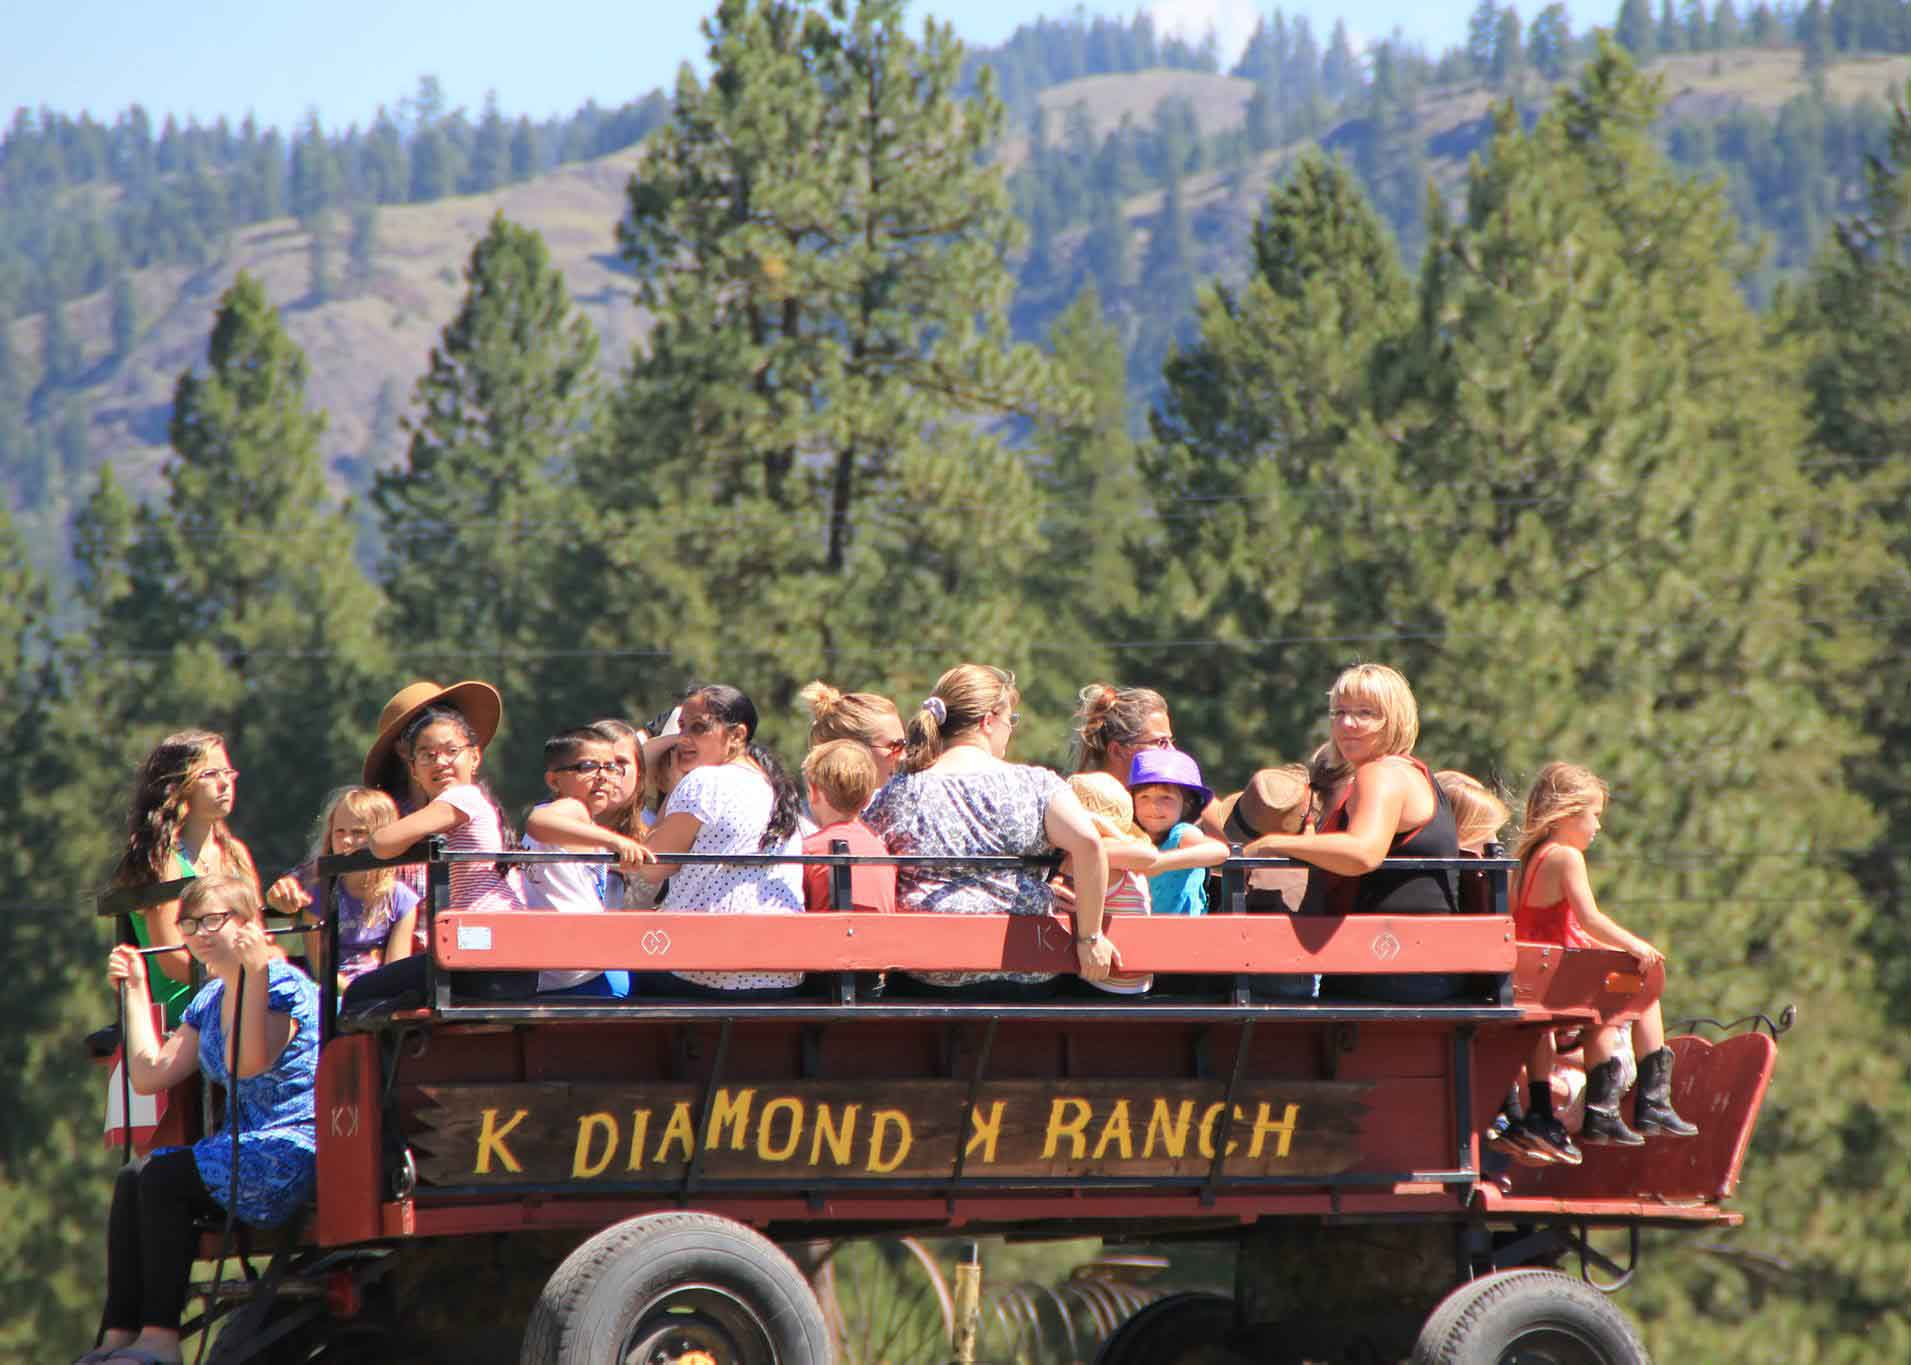 K Diamond K Ranch Wagon Ride Family Vacation Ideas